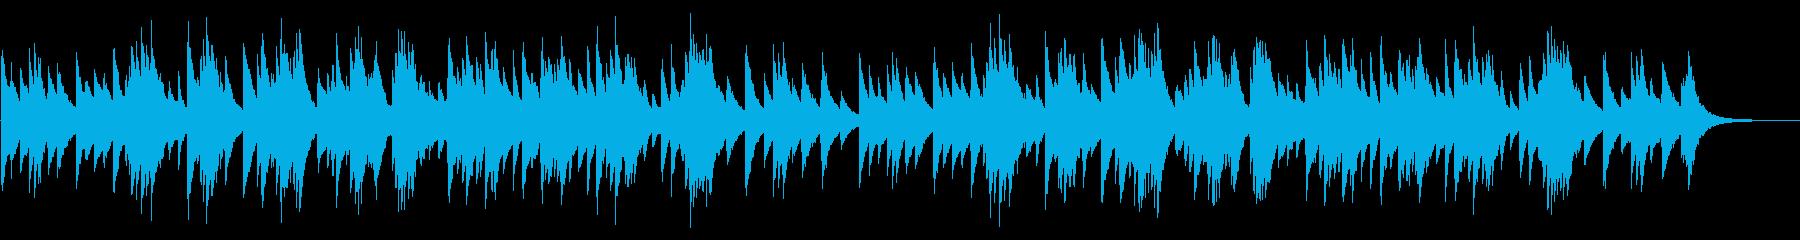 アヴェ・マリア(シューベルト) 72弁オの再生済みの波形